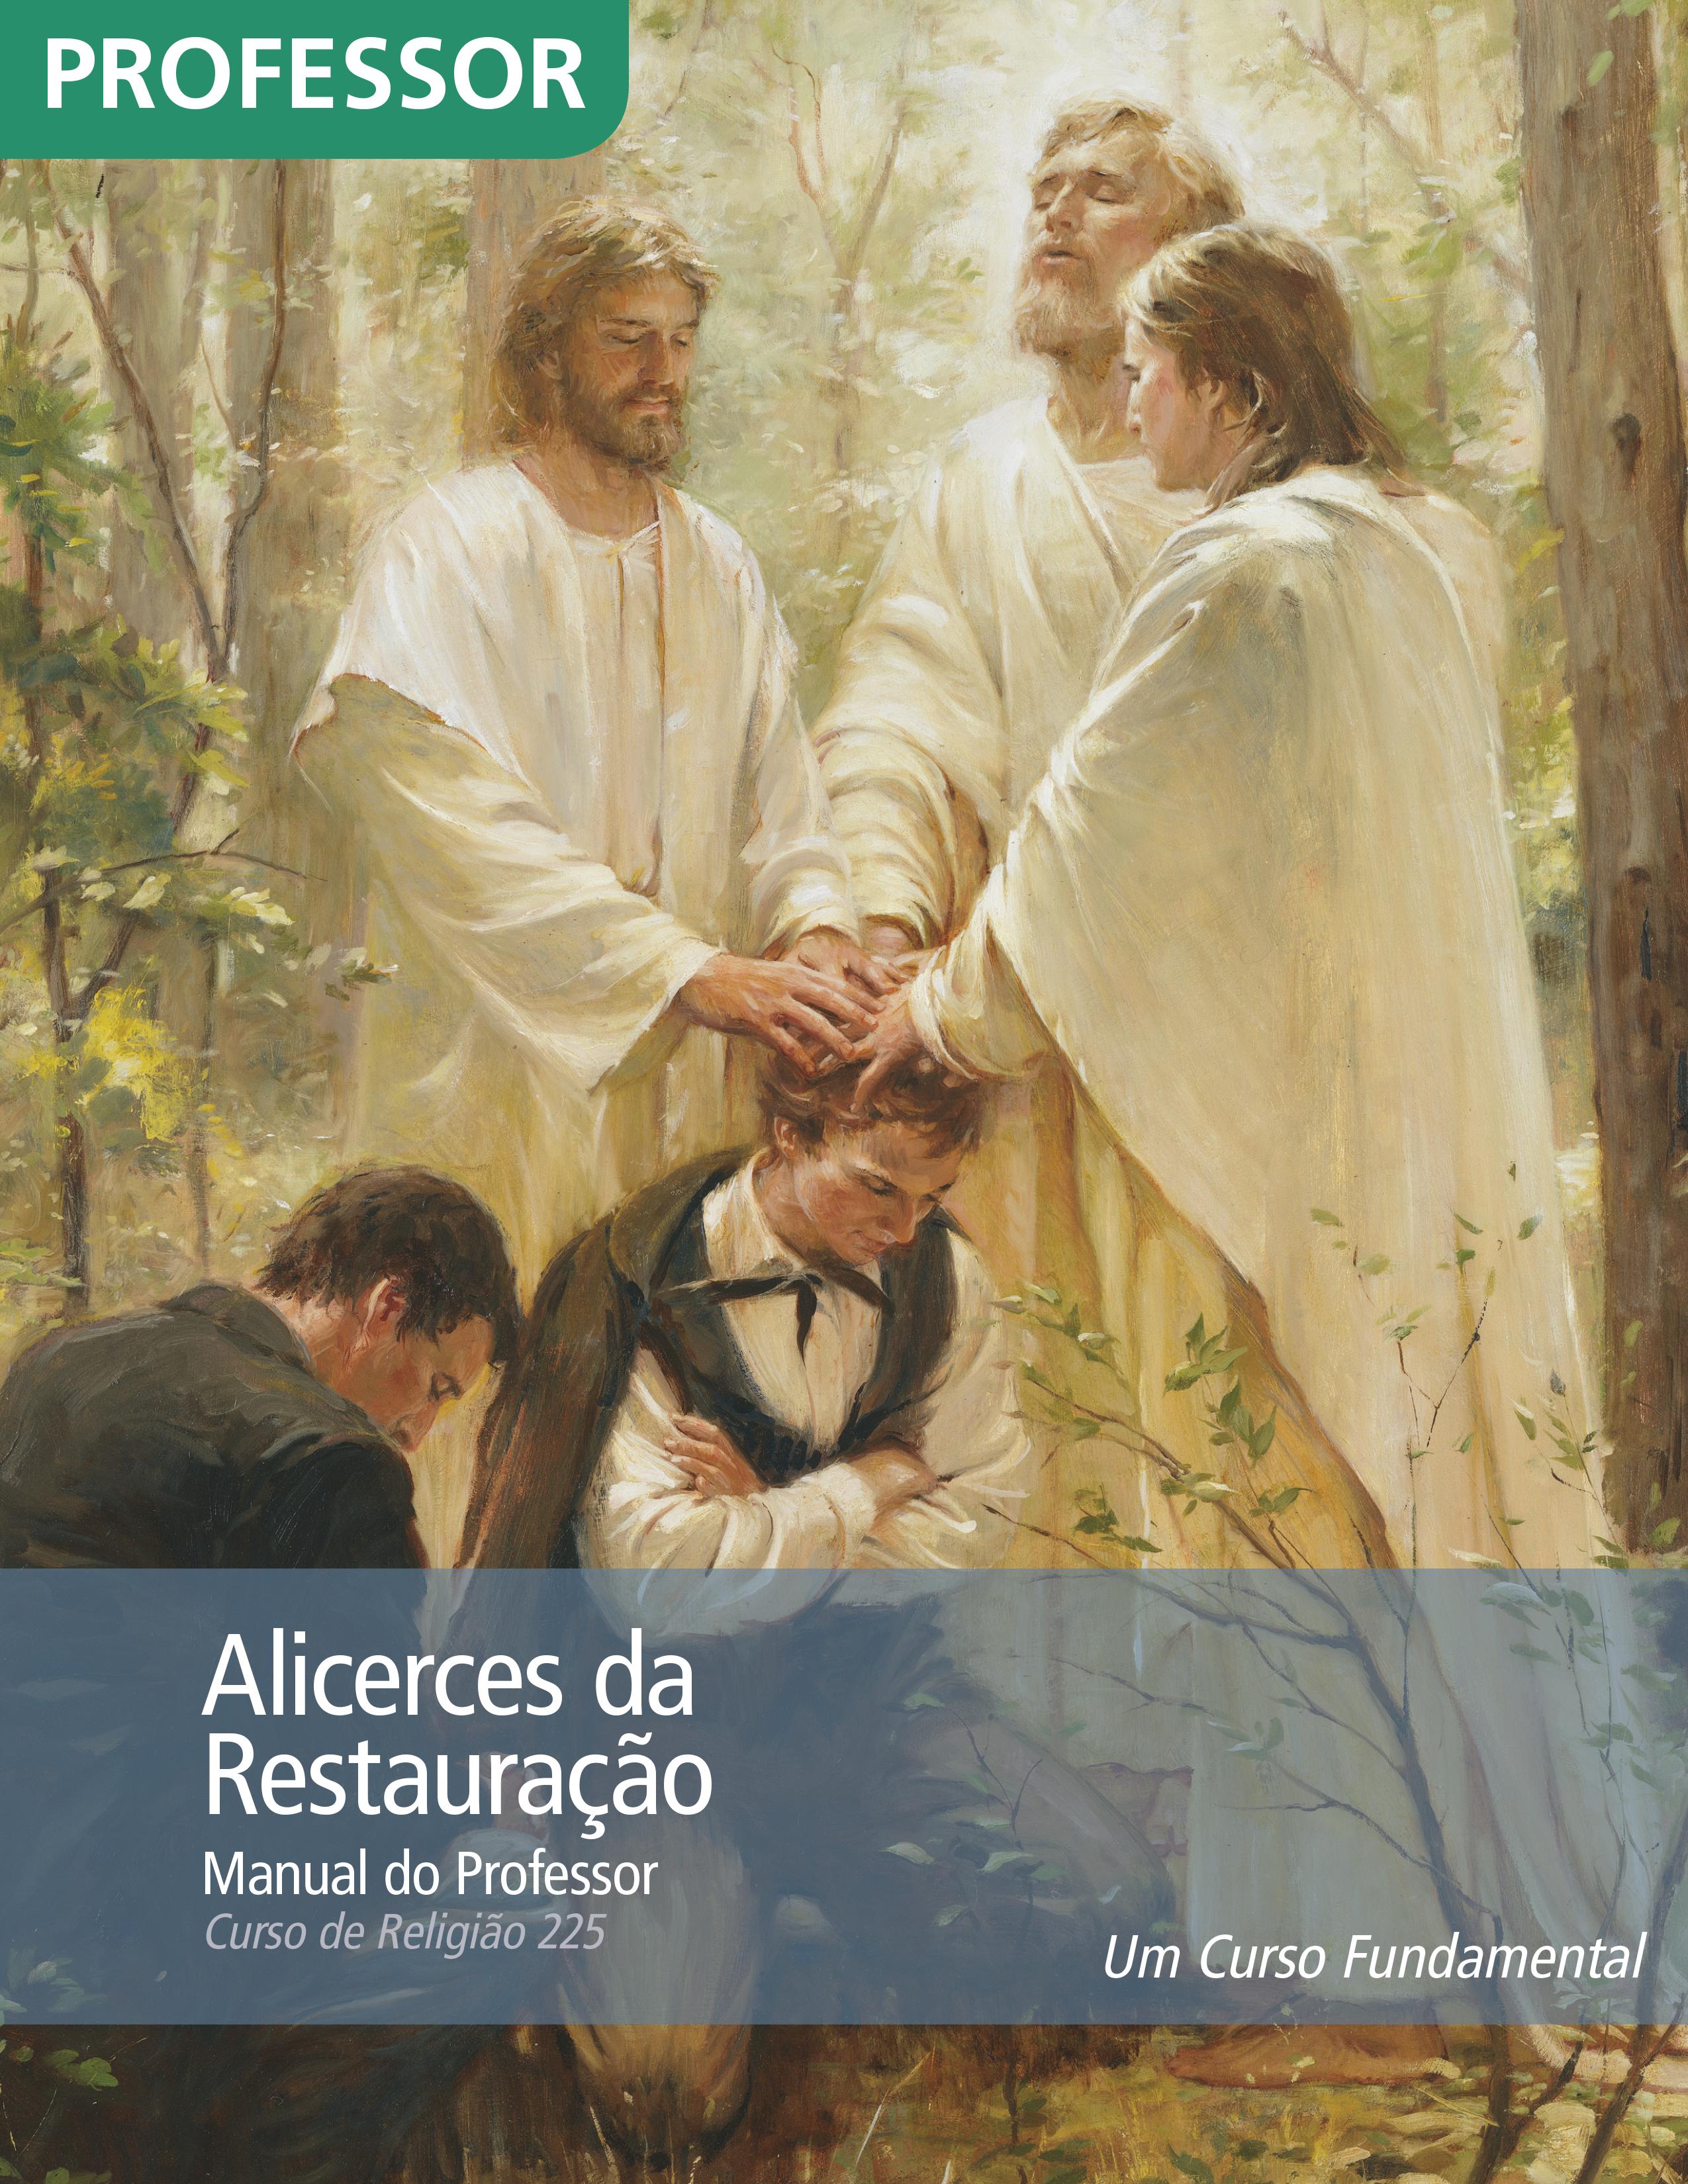 Alicerces da Restauração — Manual do Professor (Rel 225)